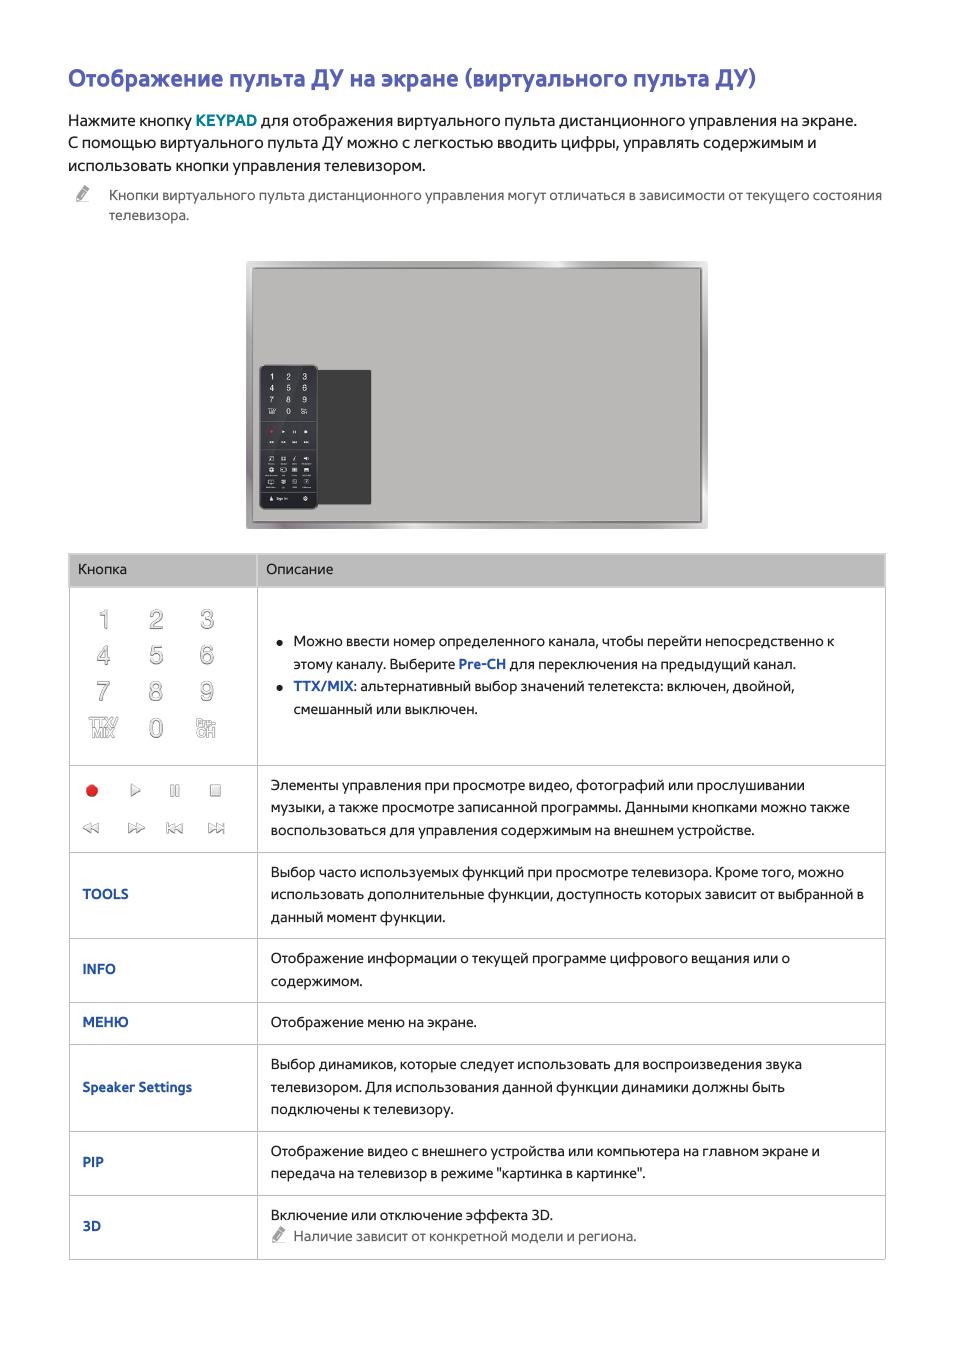 Инструкция по эксплуатации Samsung UE55HU8700T Страница 45 / 240 Оригинал Также для: UE50HU7000U, UE65HU7500T, UE85HU8500T, UE55